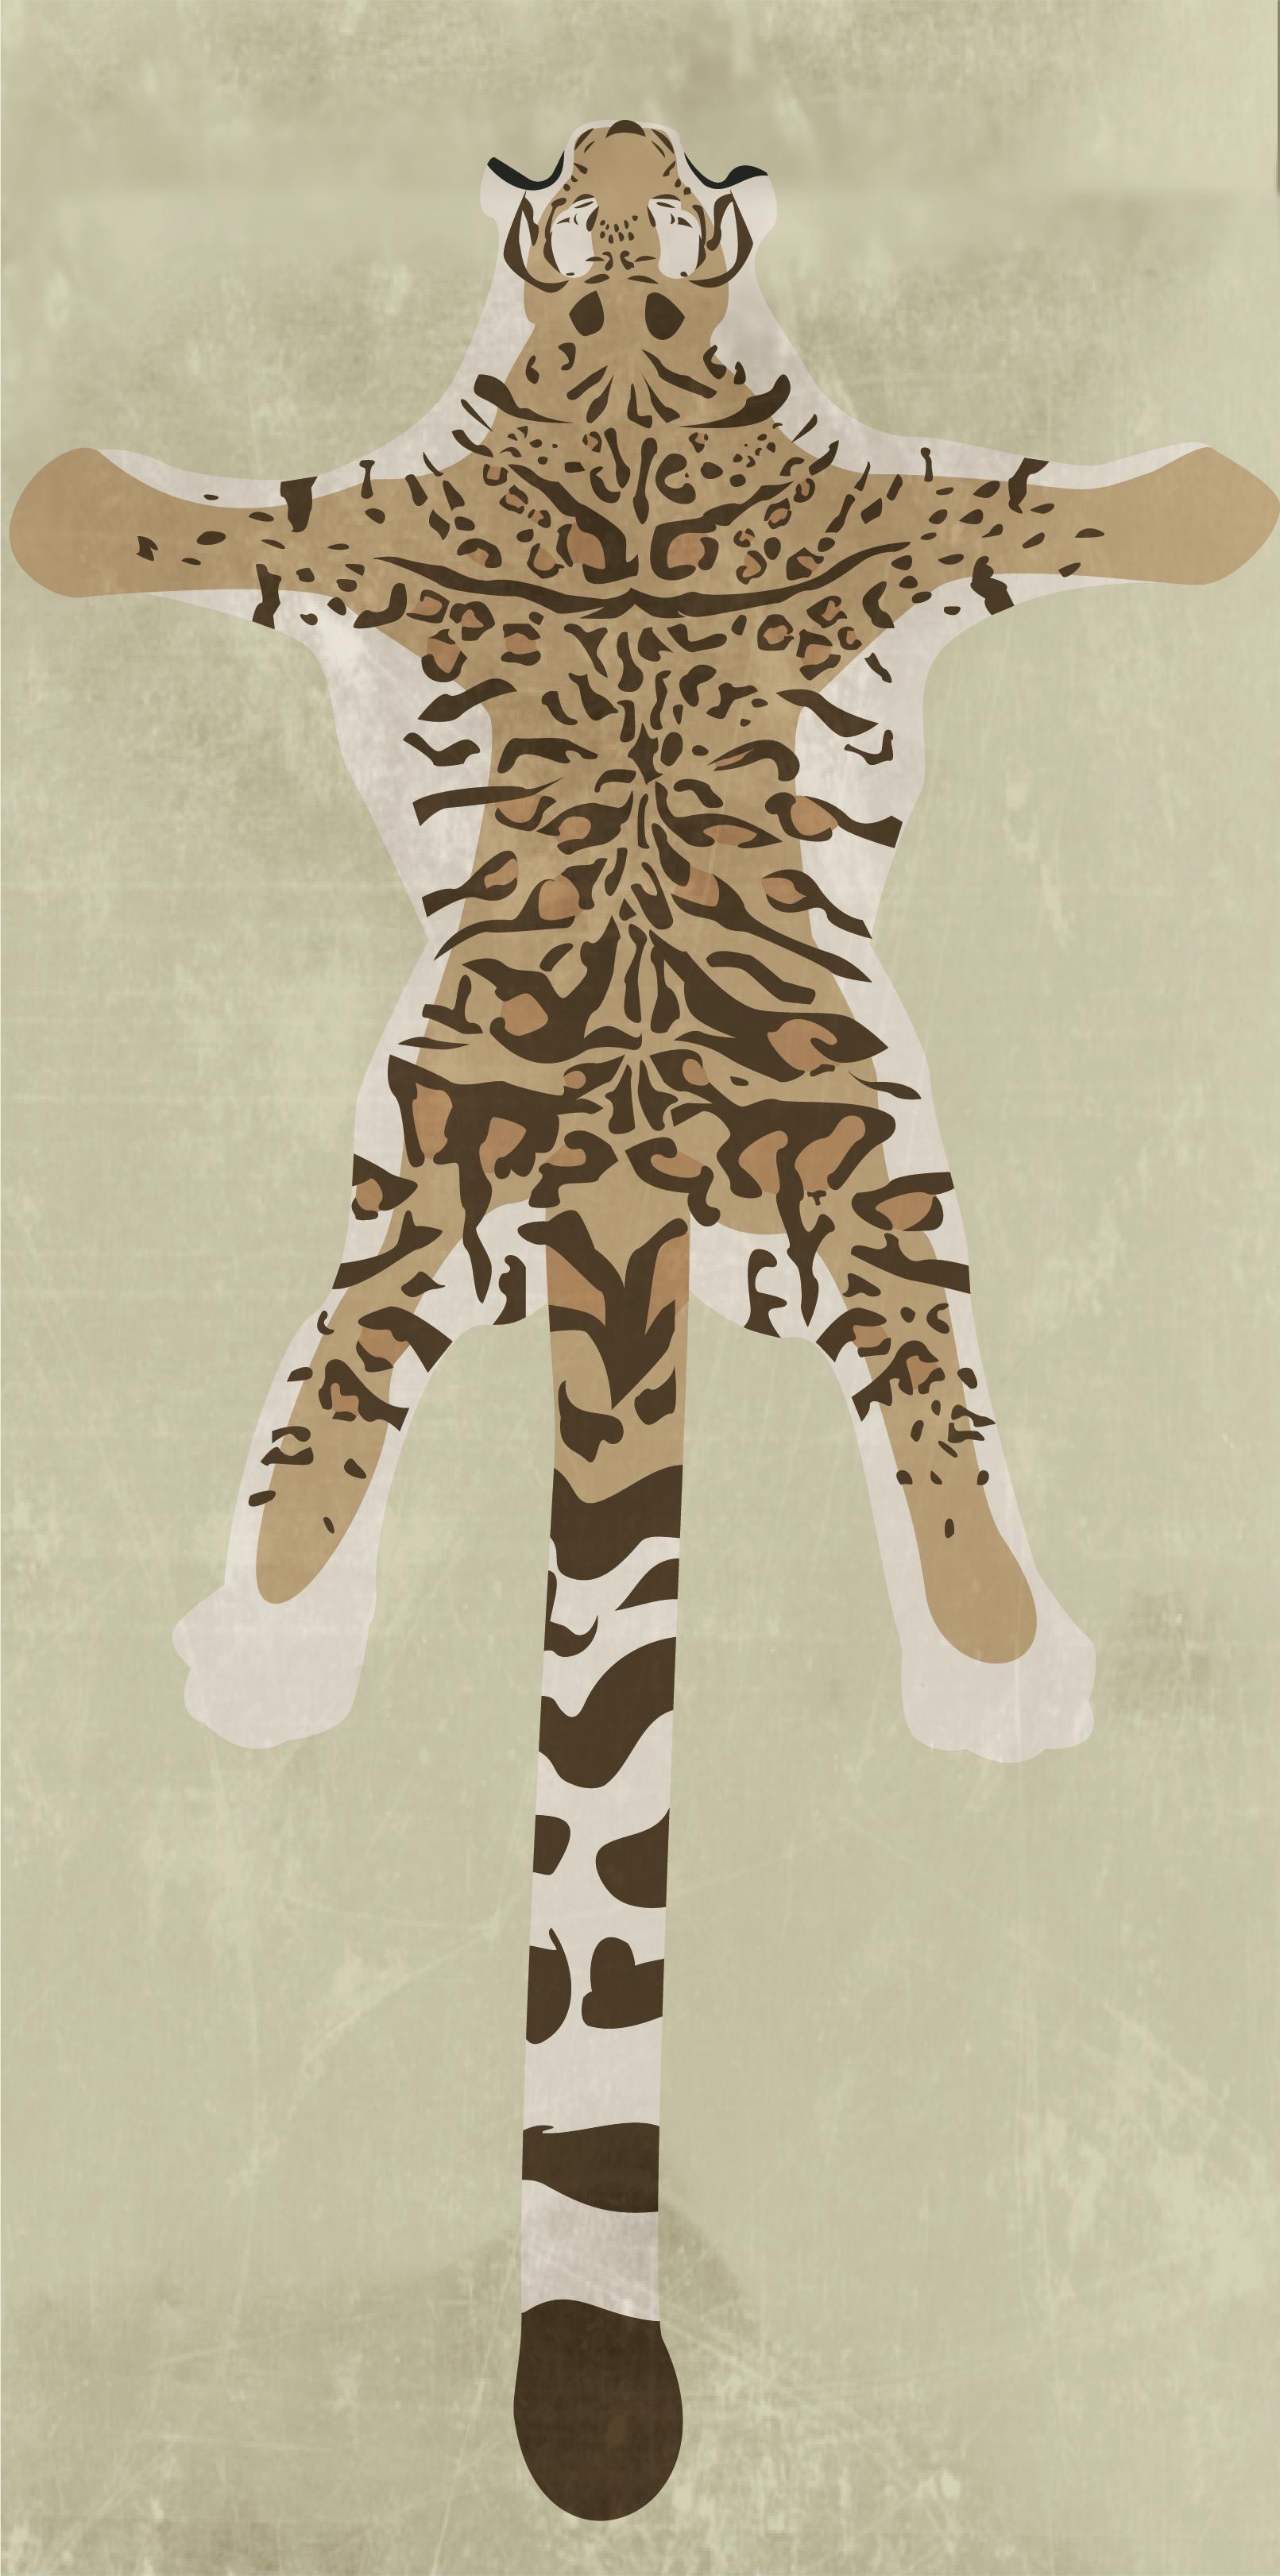 amur%20leopard-tiger%20hide%20vintage.jpg